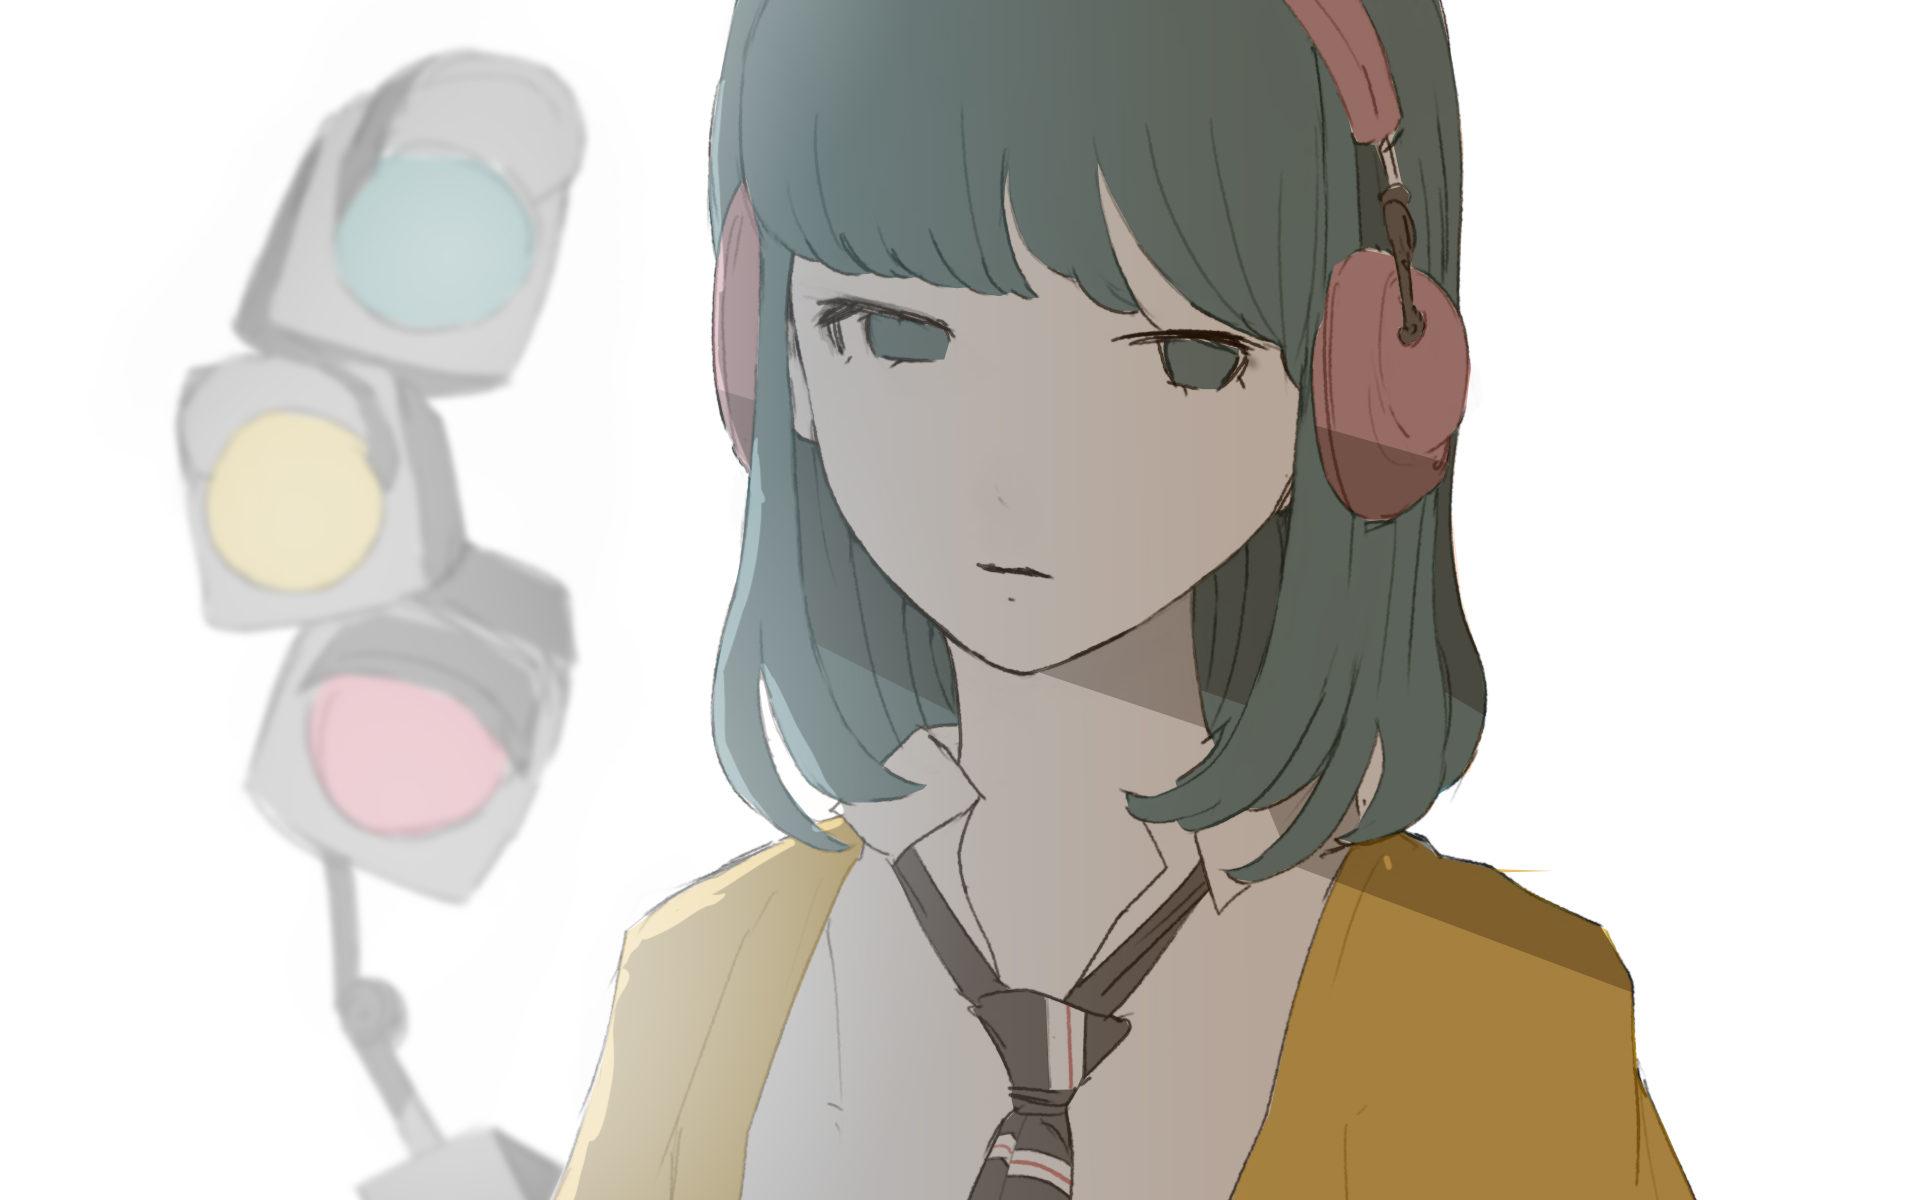 信号機と女の子のイラスト